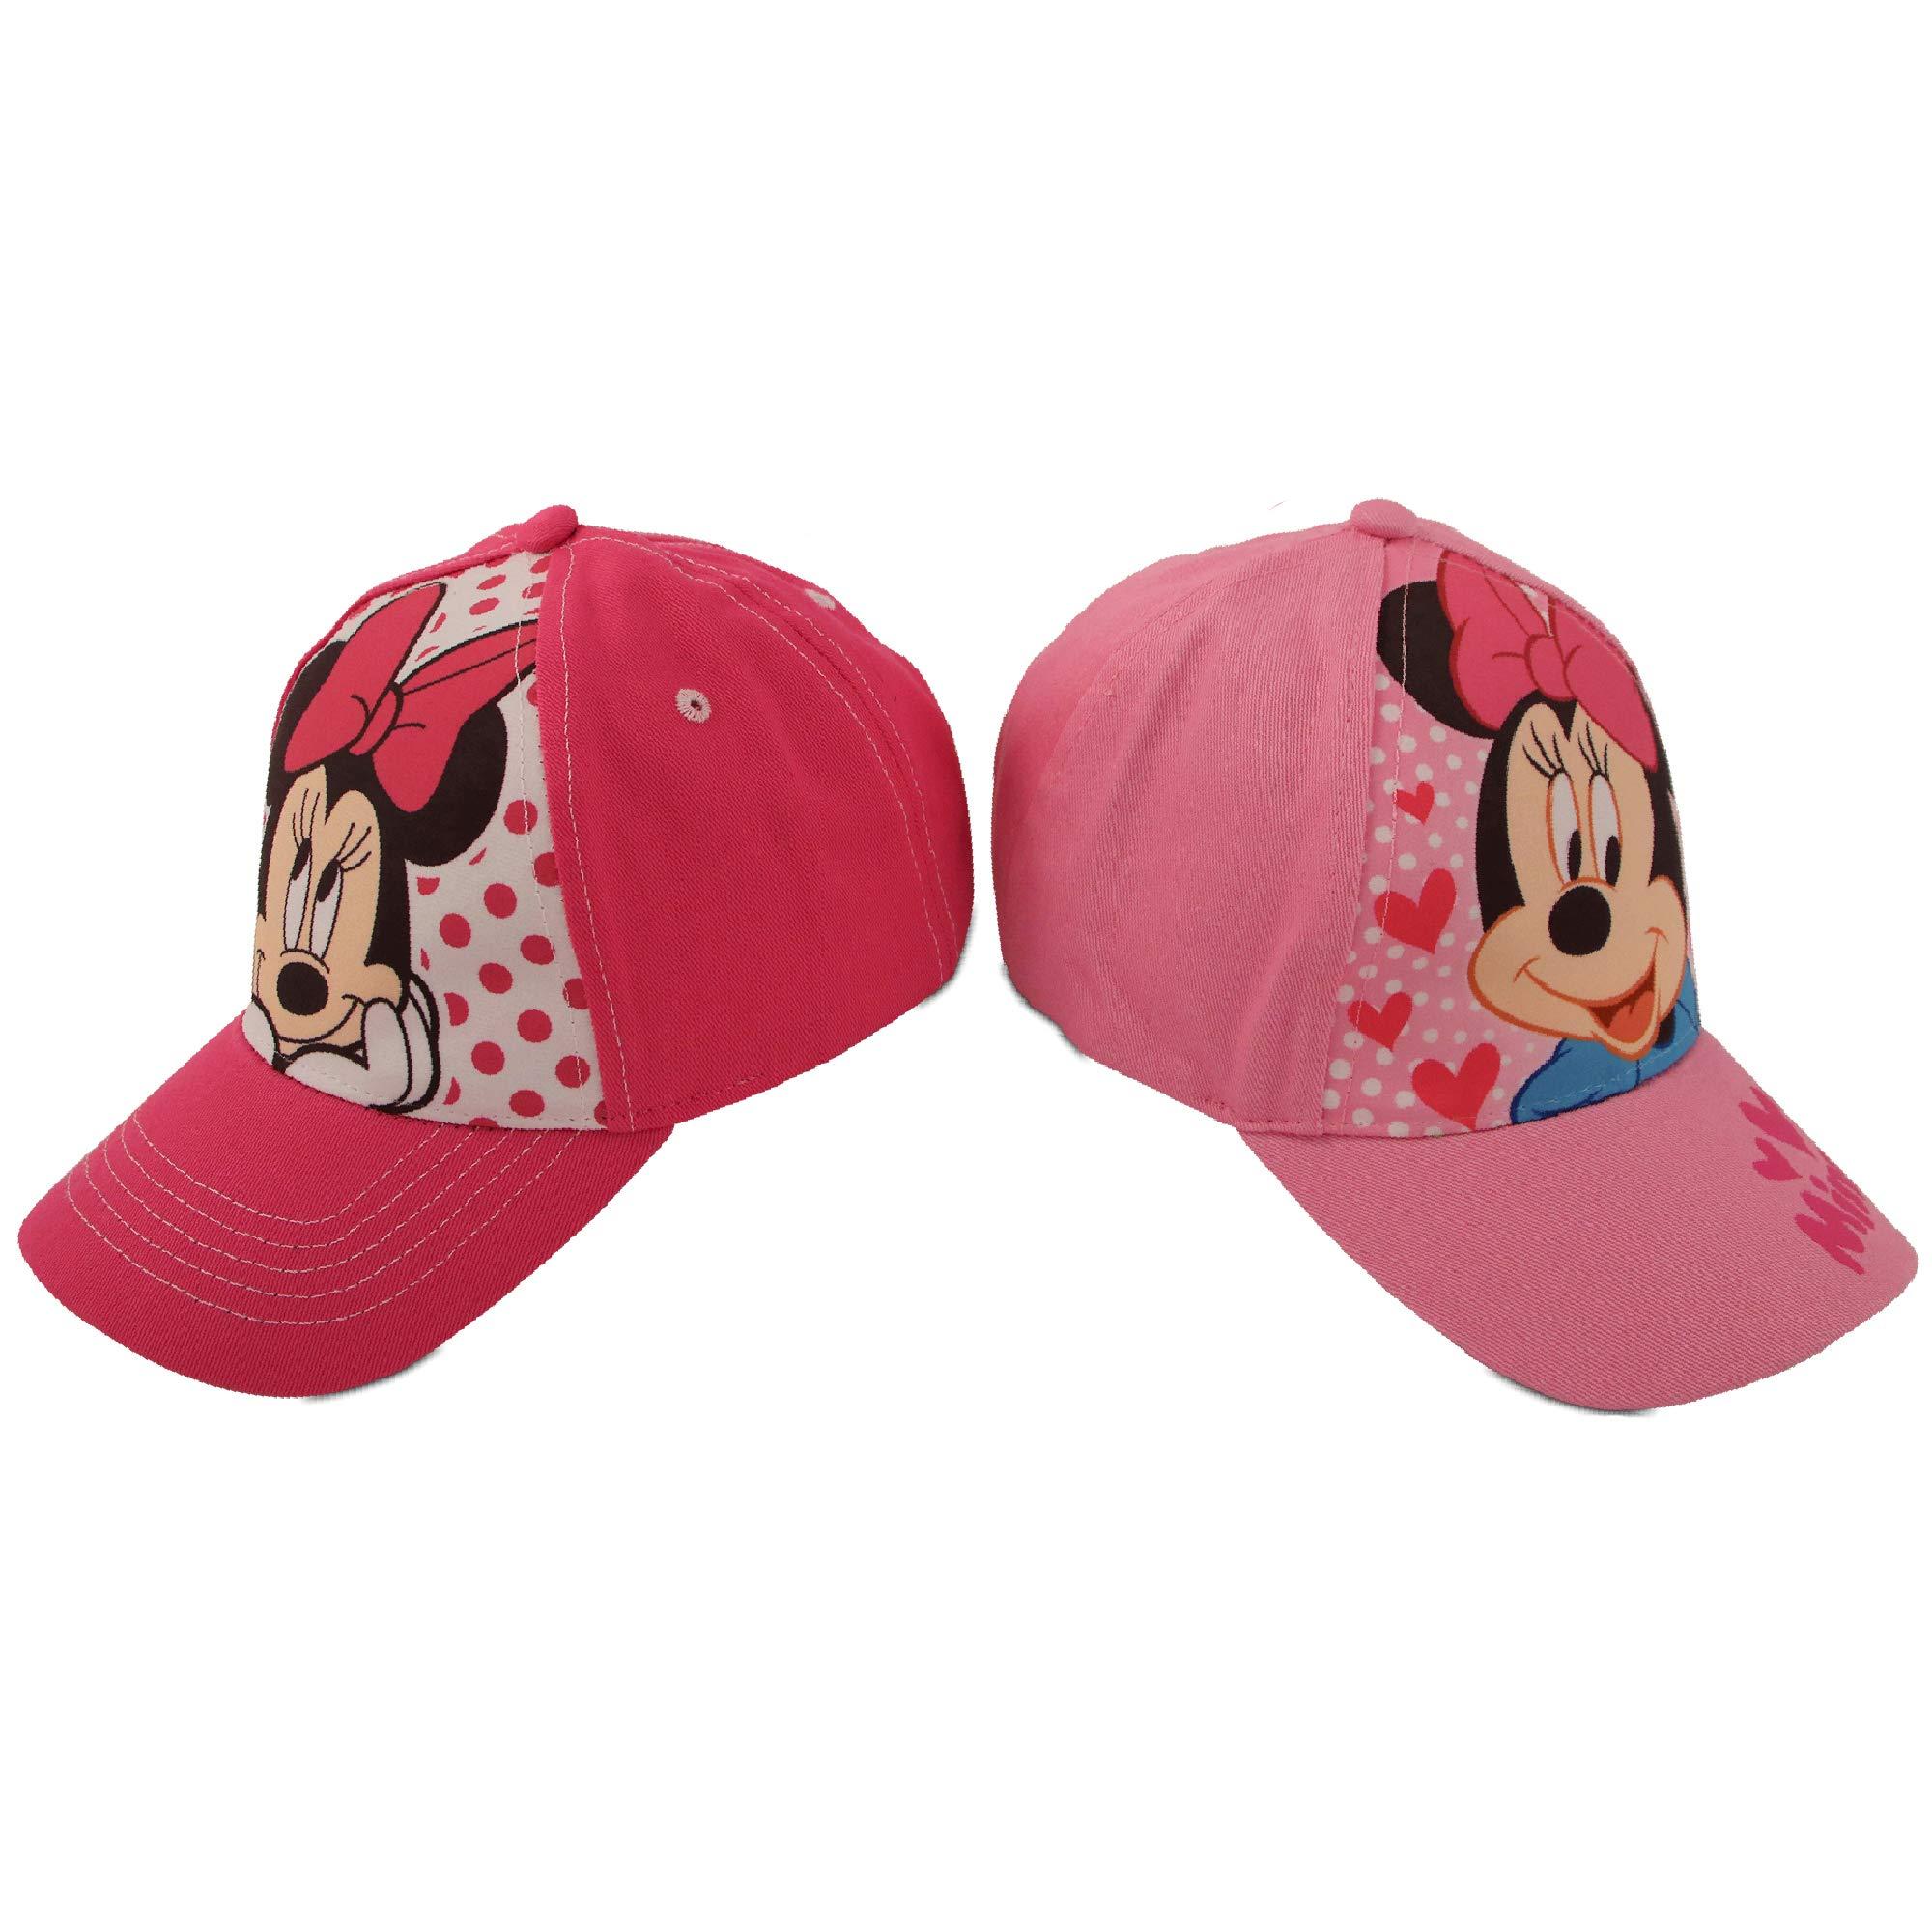 Disney Little Girls Assorted Character Cotton Baseball Cap, 2 Piece Design Set, Age 2-7 (Toddler Girls - Age 2-4 - 51CM, Minnie Mouse Design - 2 Piece Set) by Disney